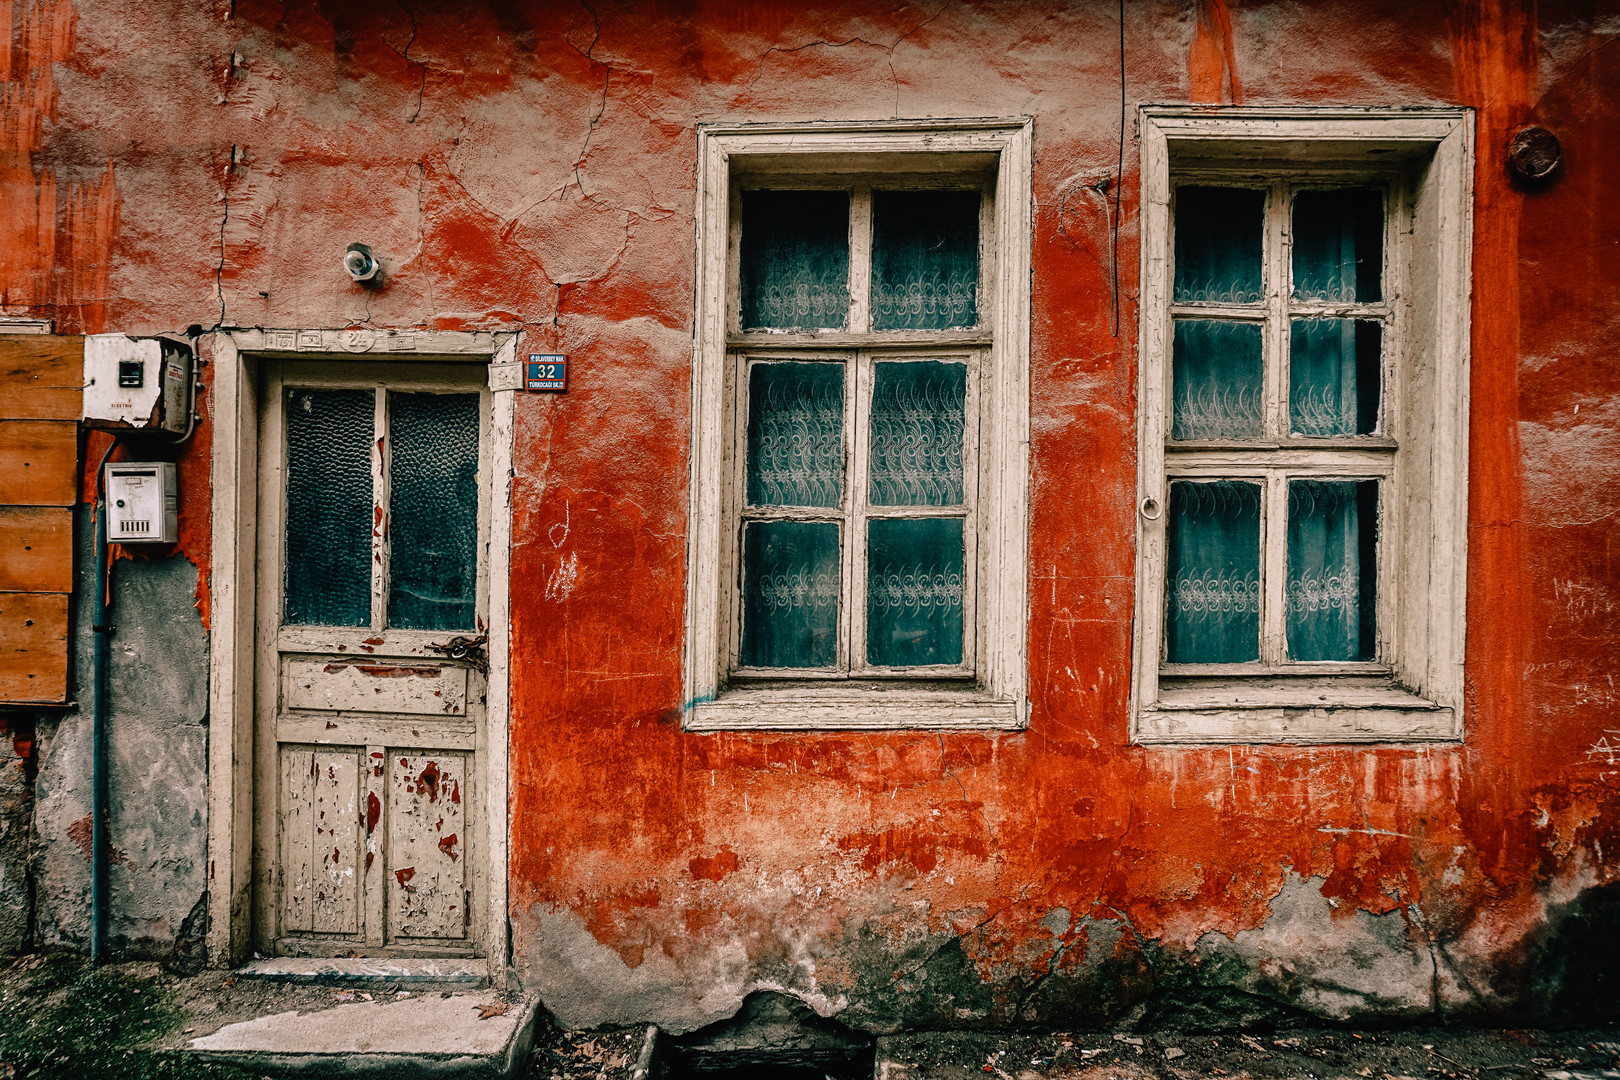 yasin-hosgor-507347-unsplash.jpg